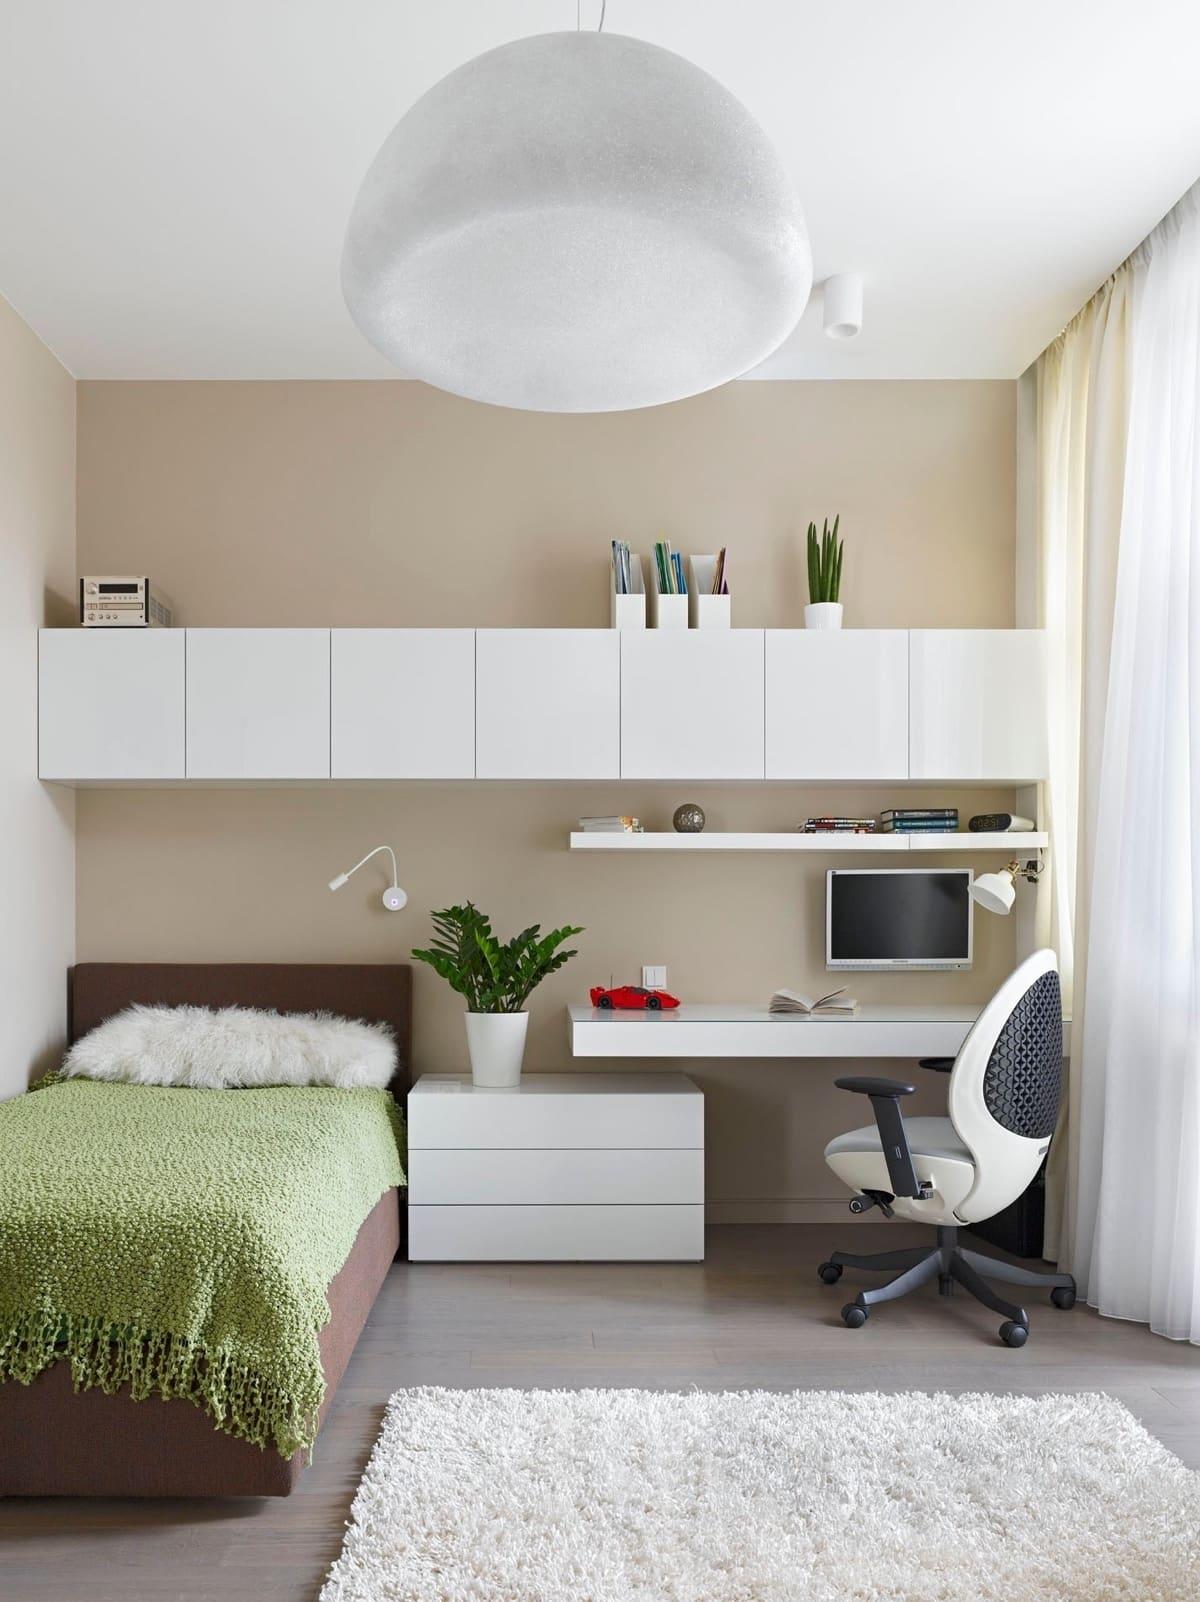 Белая мебель на фоне бежевой стены смотрится просто потрясающе